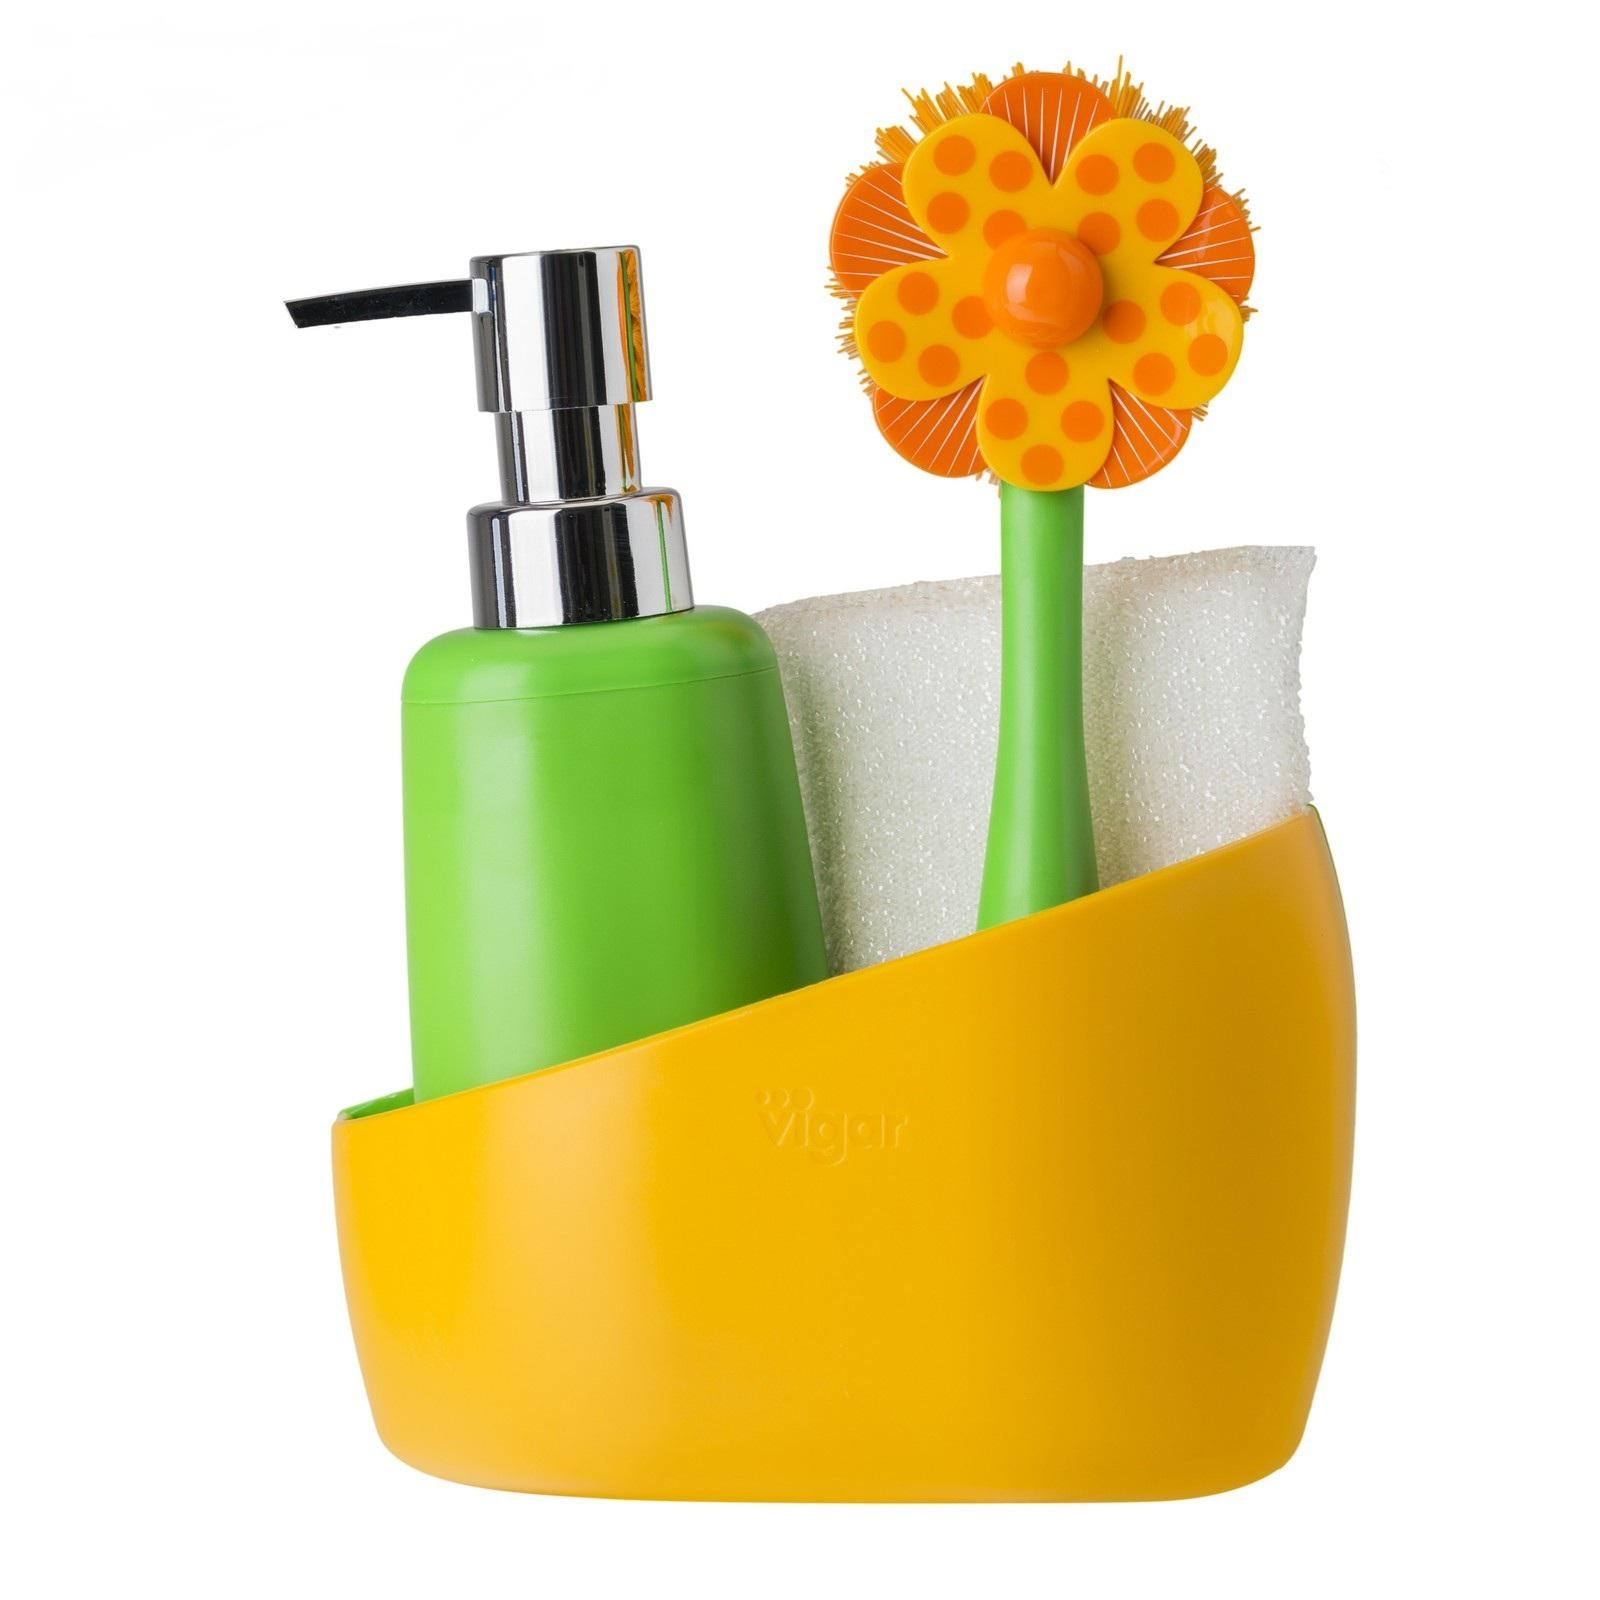 Набор для мытья посуды Vigar Lolaflor 4 предмета дозатор щетка для посуды губка на подставке lolaflor quelle vigar 1011713